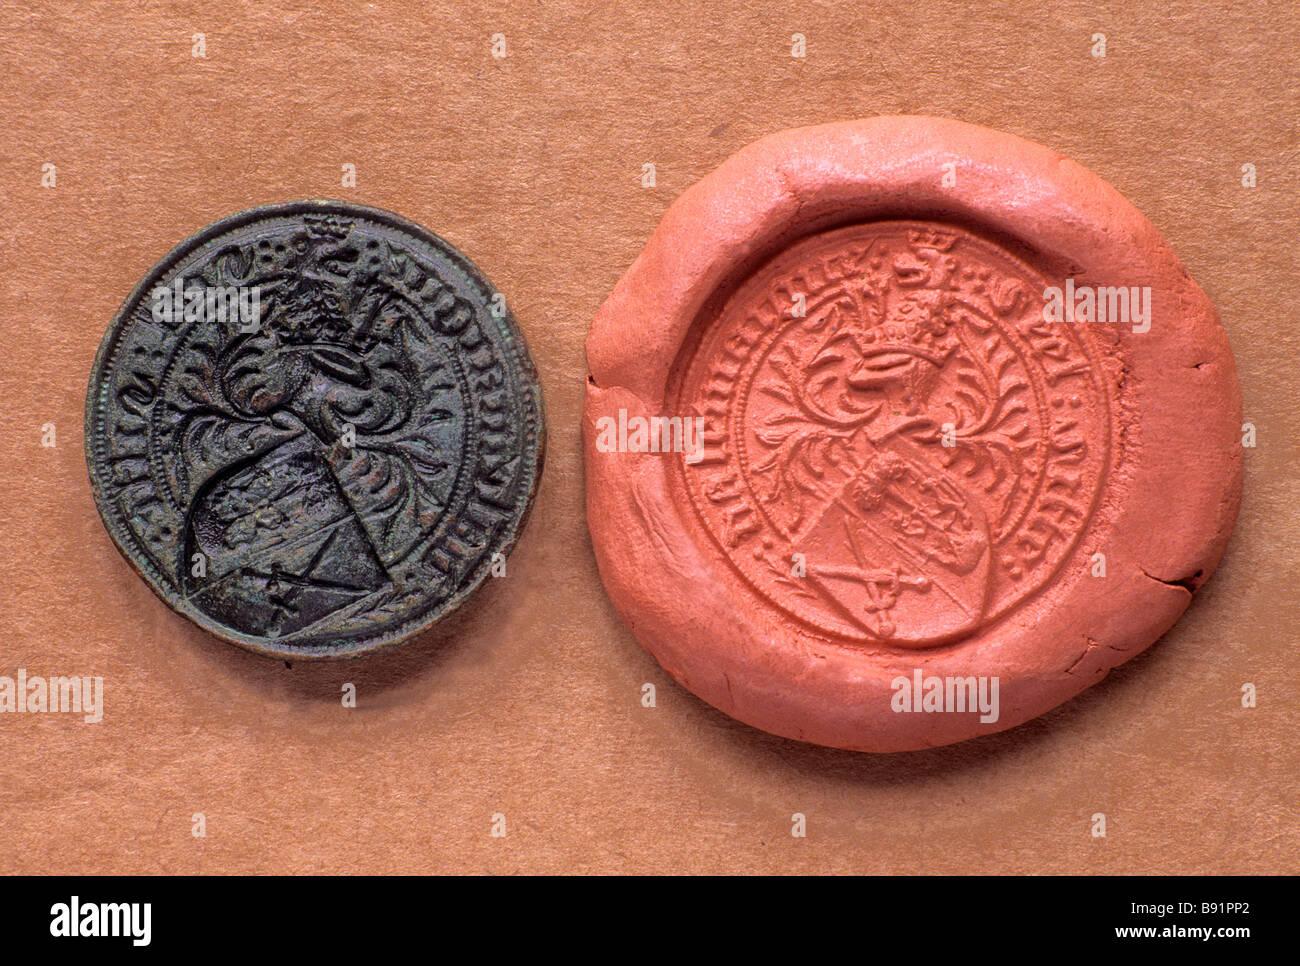 Matrice de sceau médiéval et cire Impression 15e siècle métal artefact détecter trouver Photo Stock